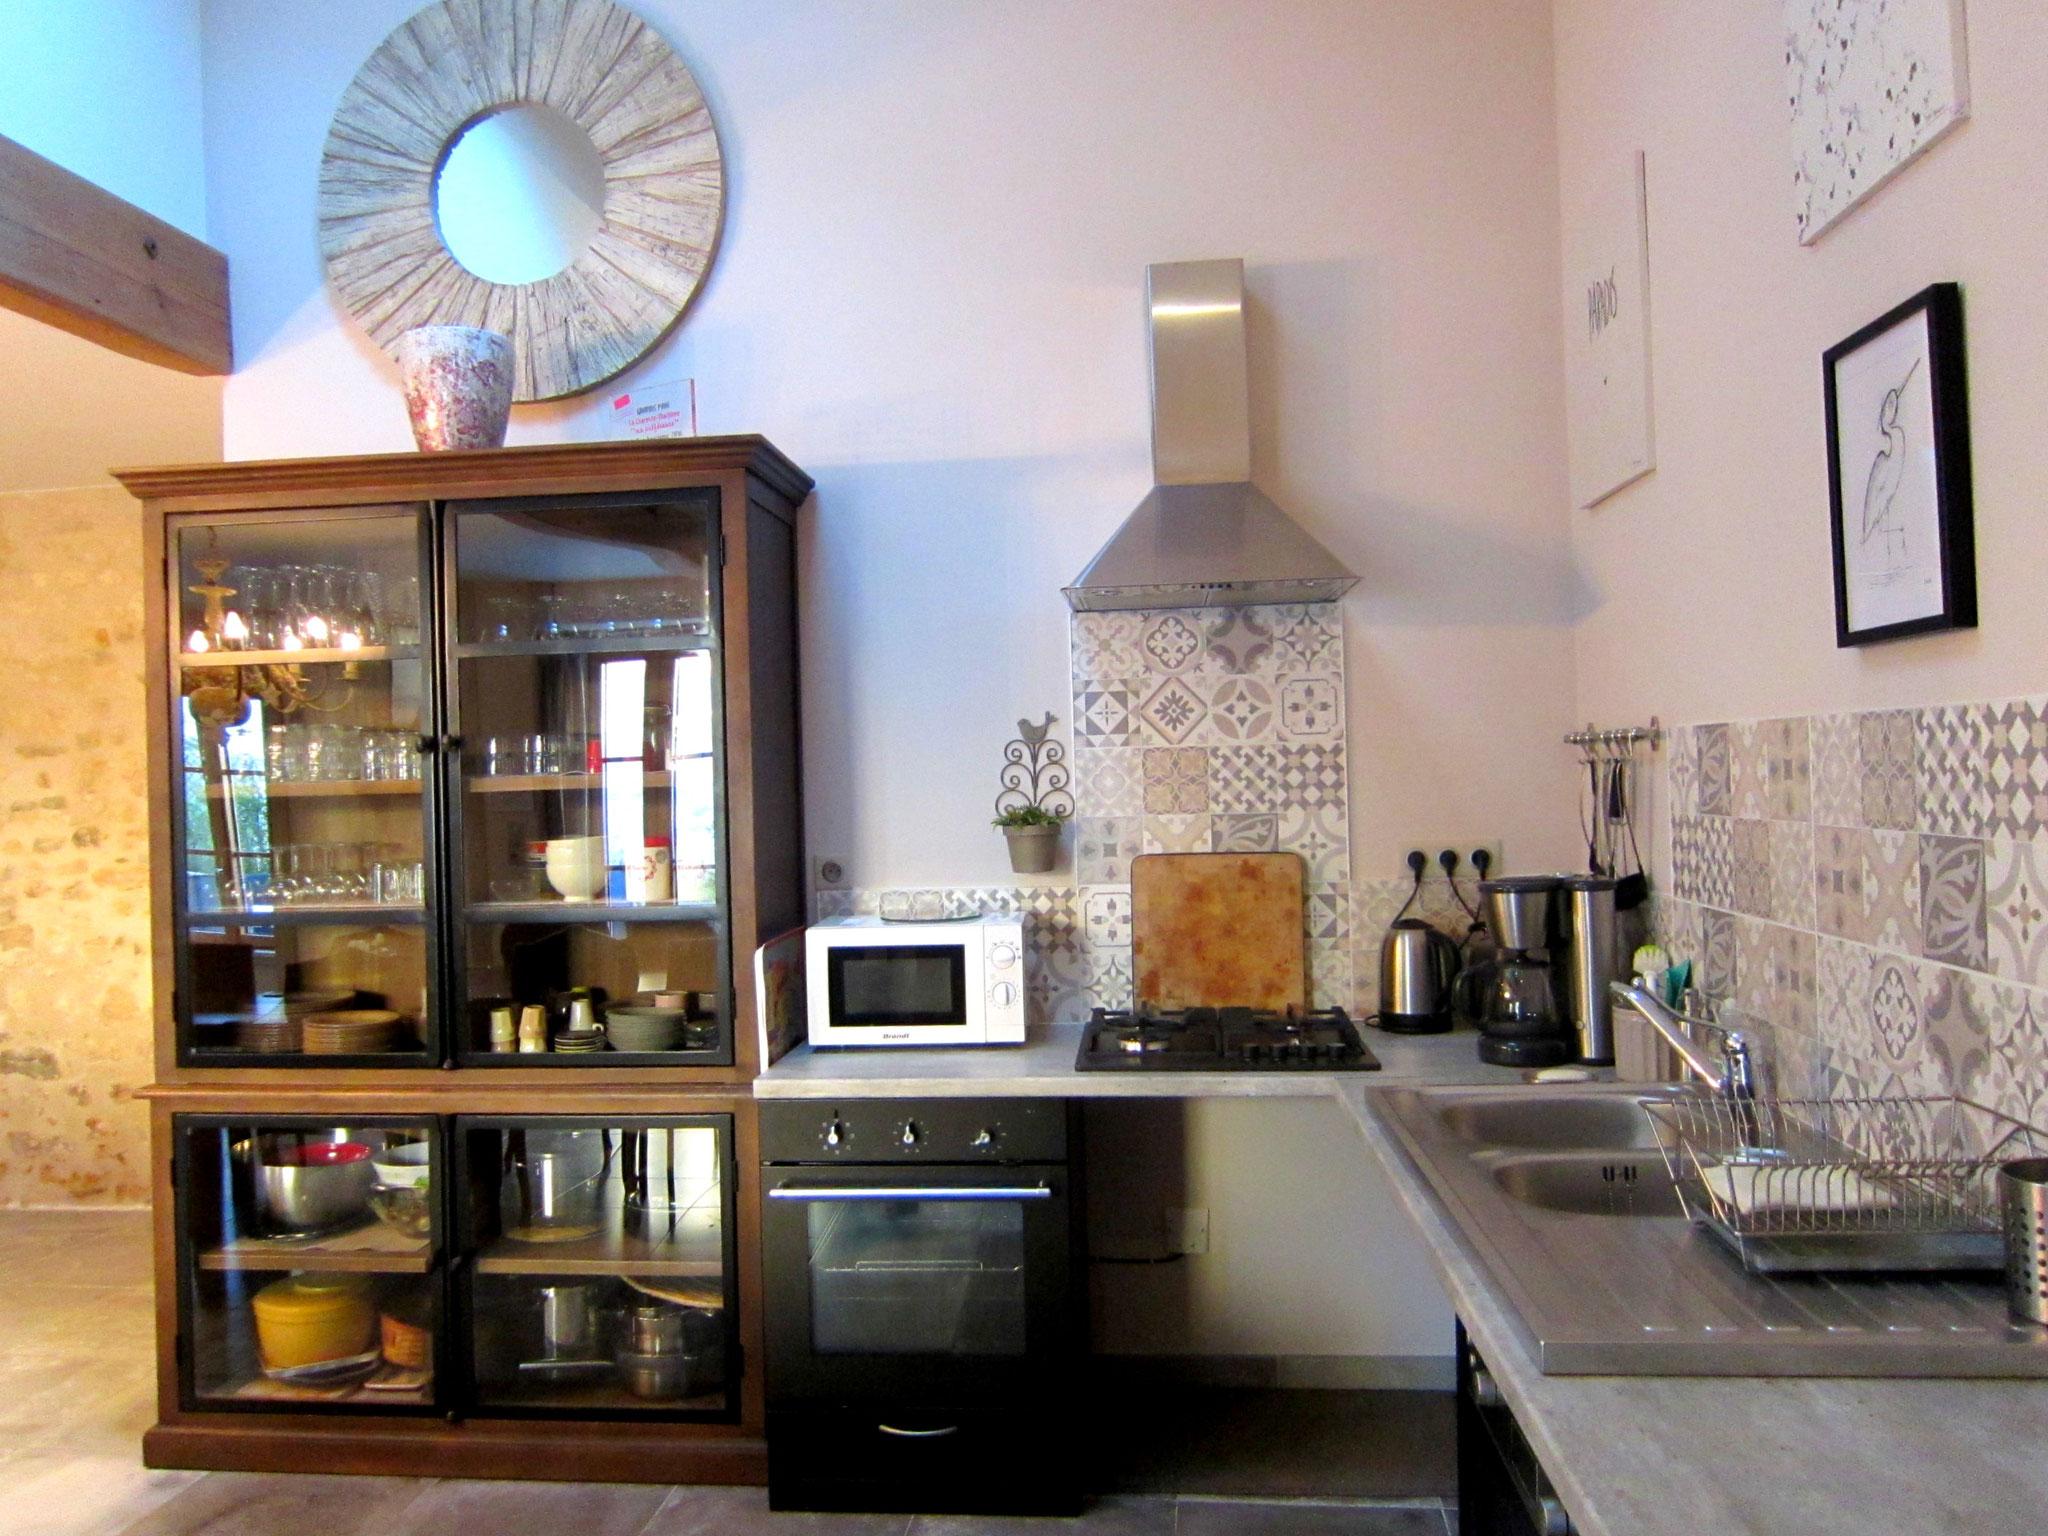 Cuisine équipée accessible -  Gîte La Grange  - Gites du Maréchat à Cabariot